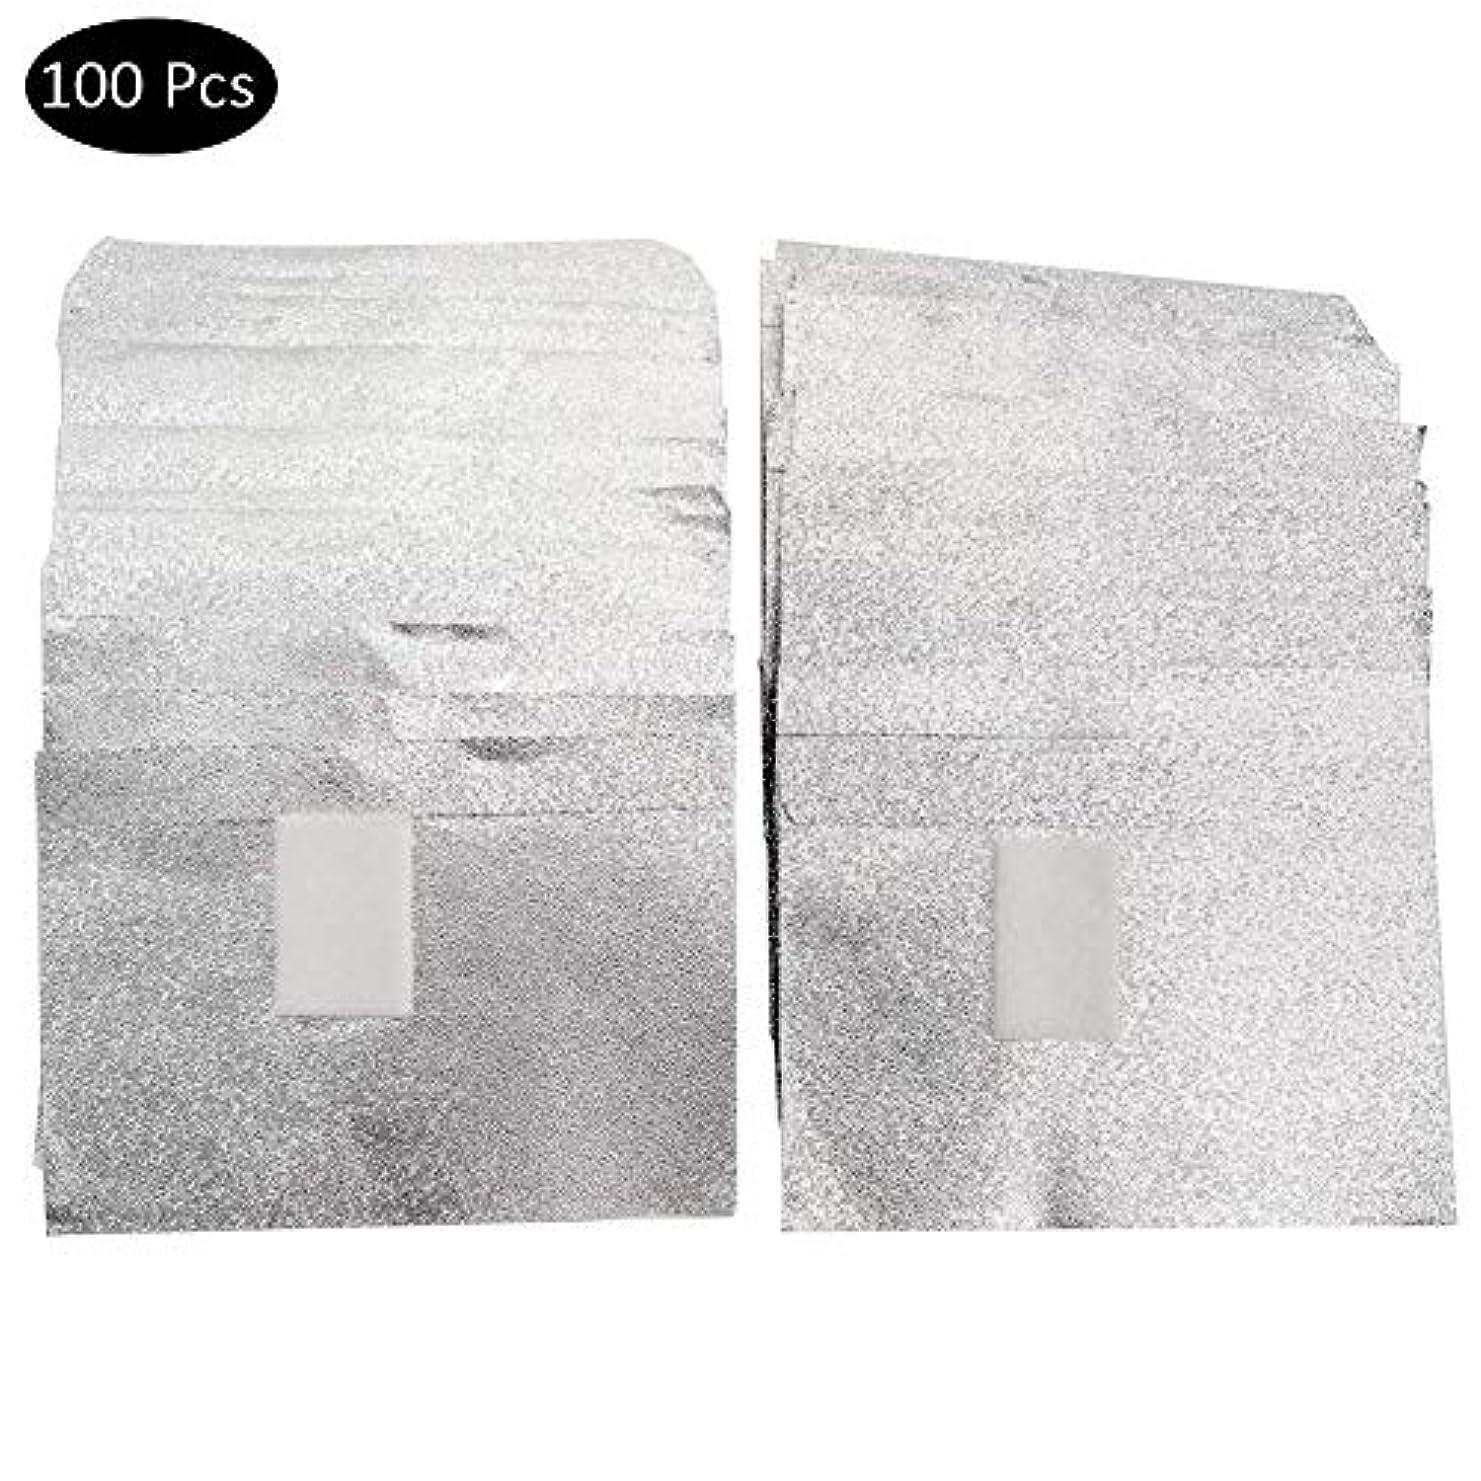 ピストルインタフェース待ってSILUN ネイルリムーバー錫箔ネイルポリッシュットン付きアルミホイル ジェル除却 使い捨て 爪マニキュア用品100枚入り使い捨て コットン付きアルミホイル ネイル用品 マニキュア用品